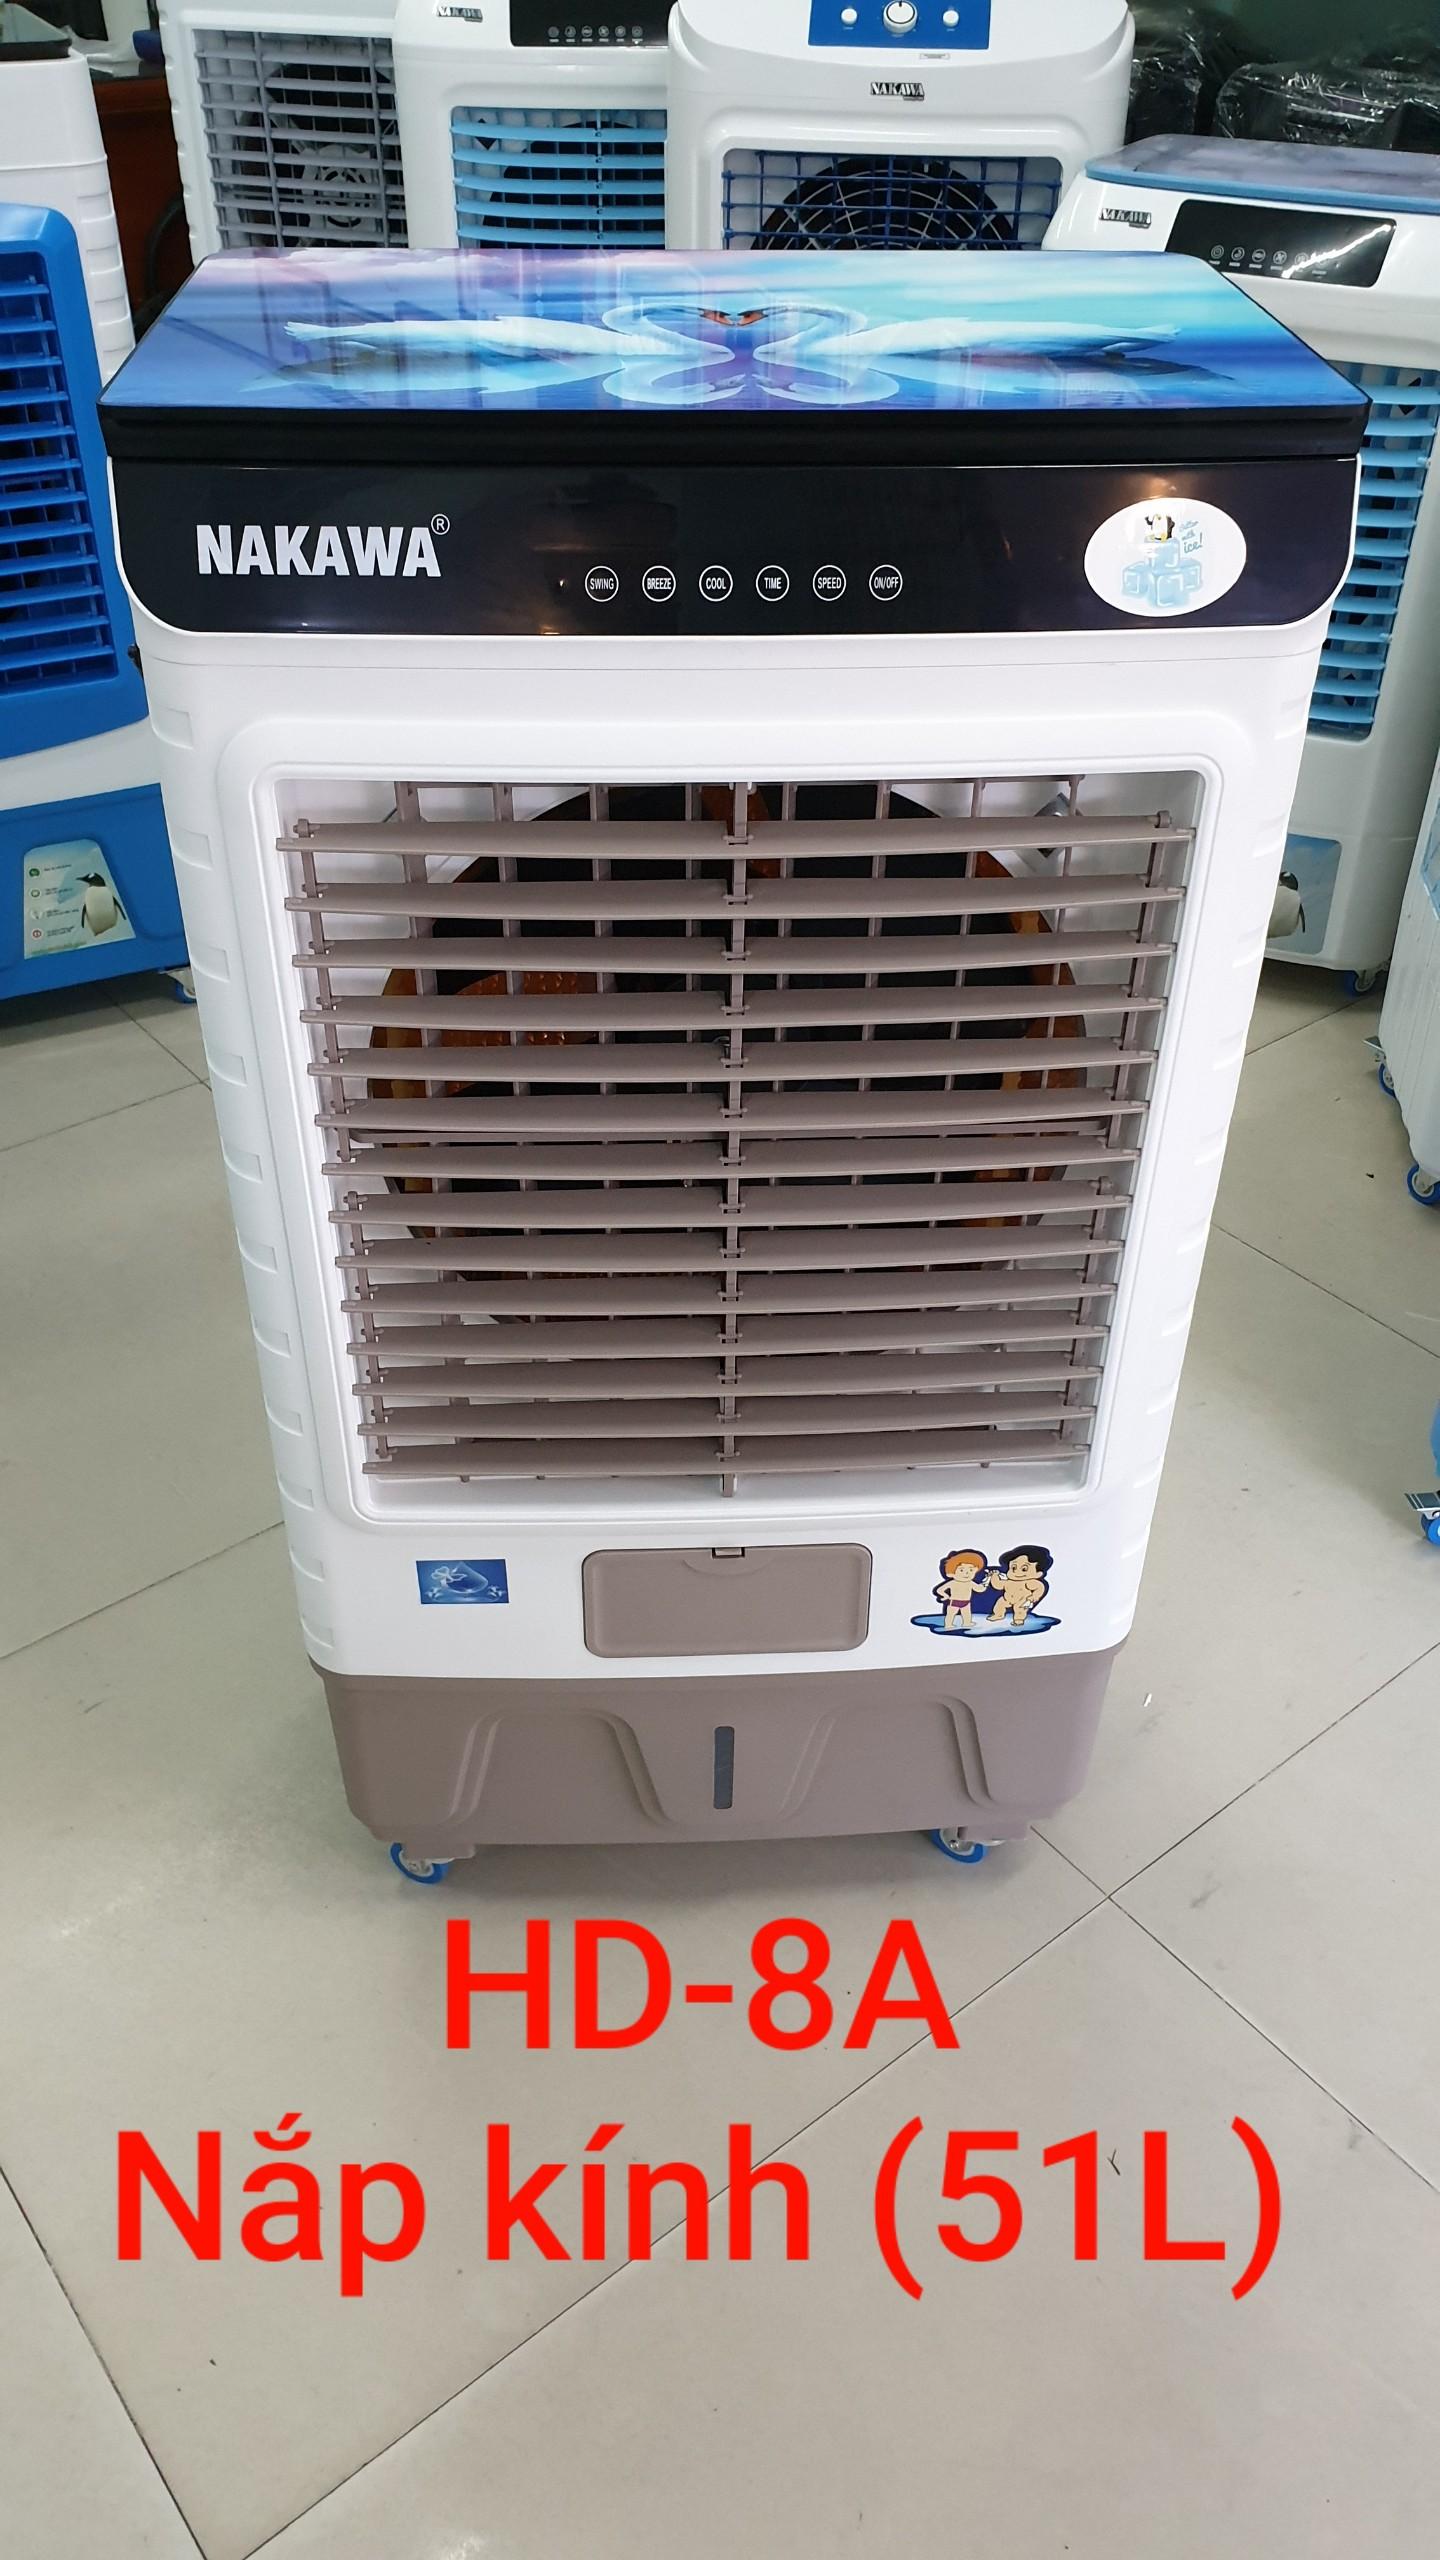 NAKAWA HD-8A